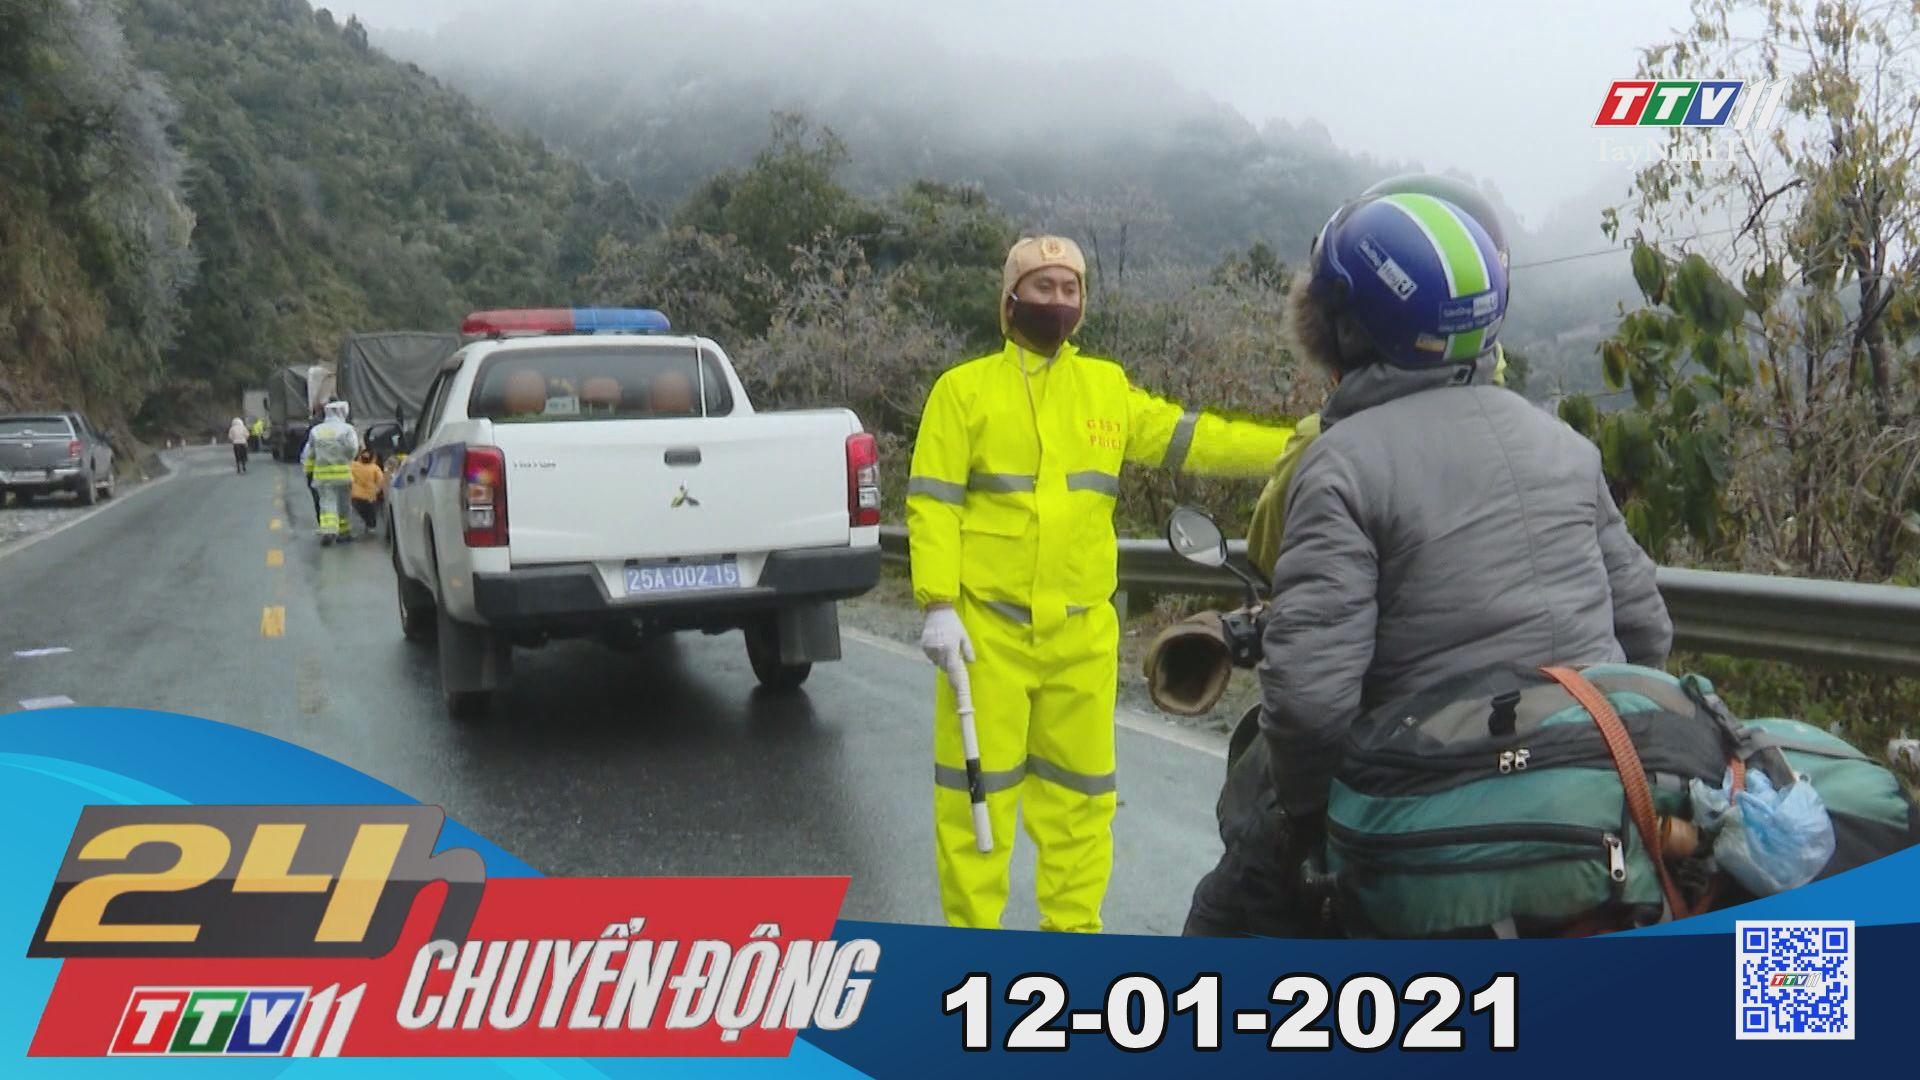 24h Chuyển động 12-01-2021 | Tin tức hôm nay | TayNinhTV